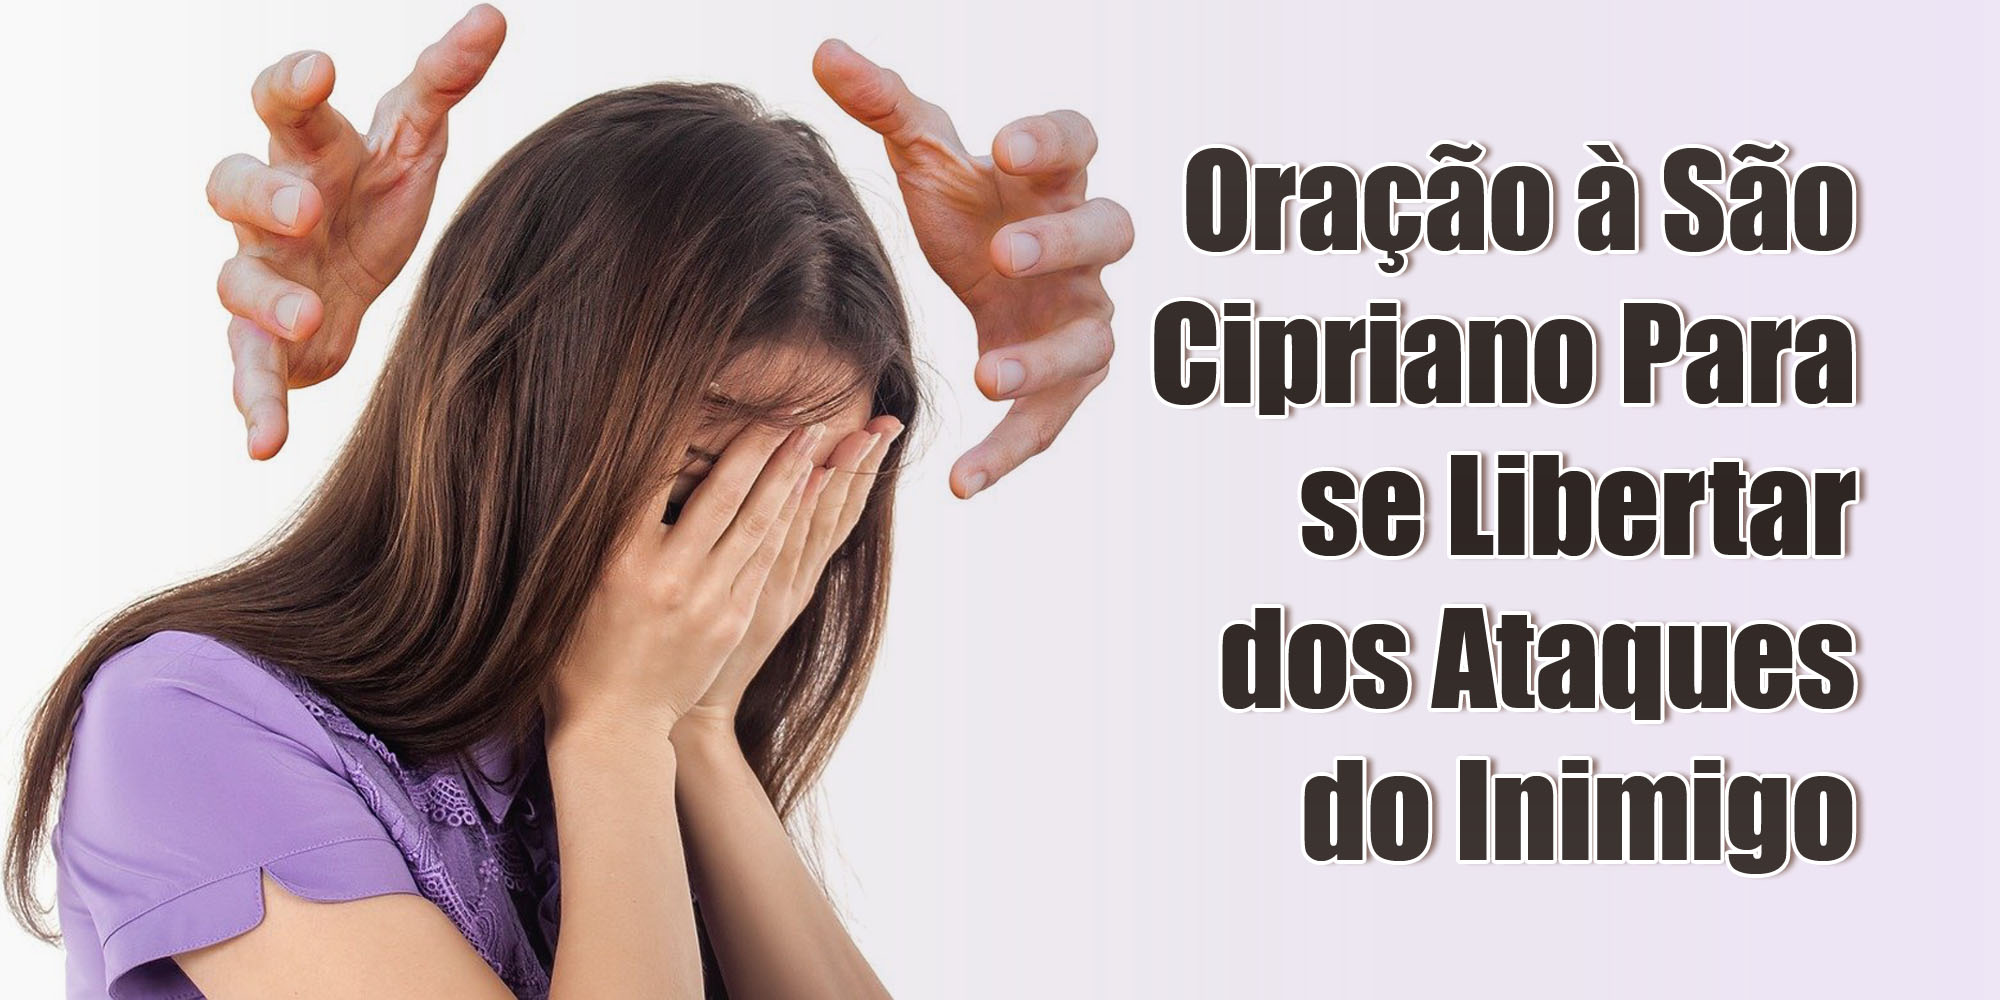 Oração à São Cipriano Para se Libertar dos Ataques do Inimigo